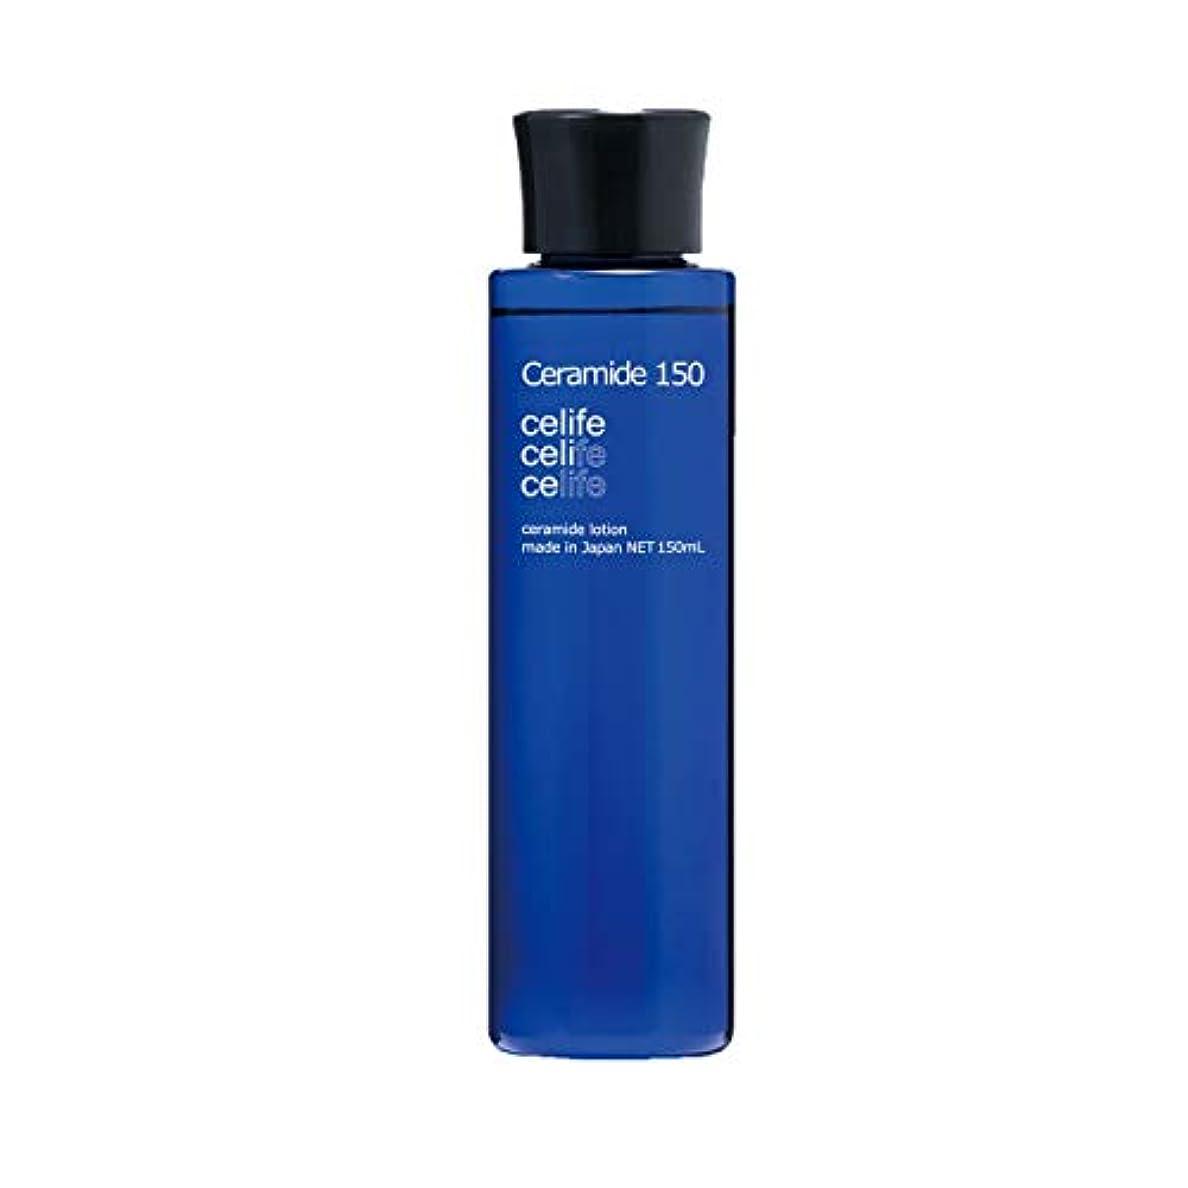 ホールド薬局に付けるcelife 天然セラミド配合化粧水 セラミド 150